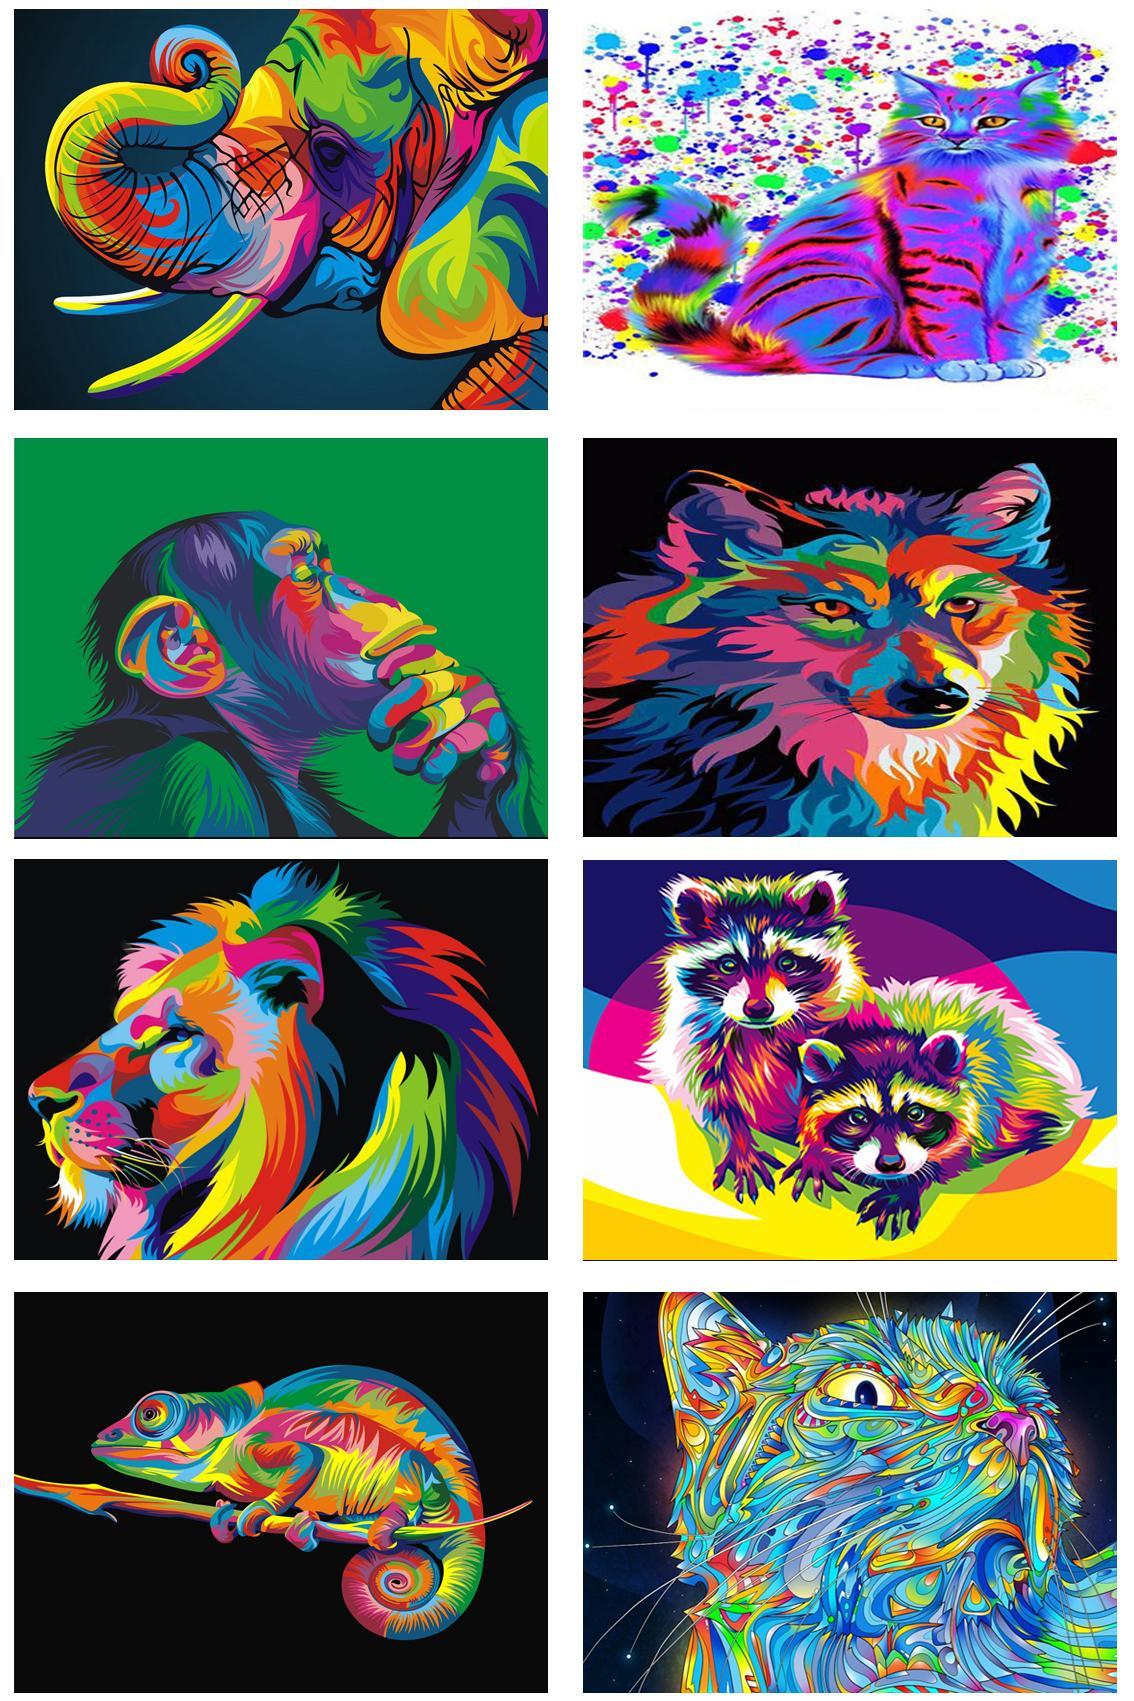 5D diamante animale di DIY del gatto del cane del leone scimmia Elephant Lupo Raccoon ricamo punto croce Mosaico Rhinestone pieno di arte della parete della tela di canapa della decorazione della casa